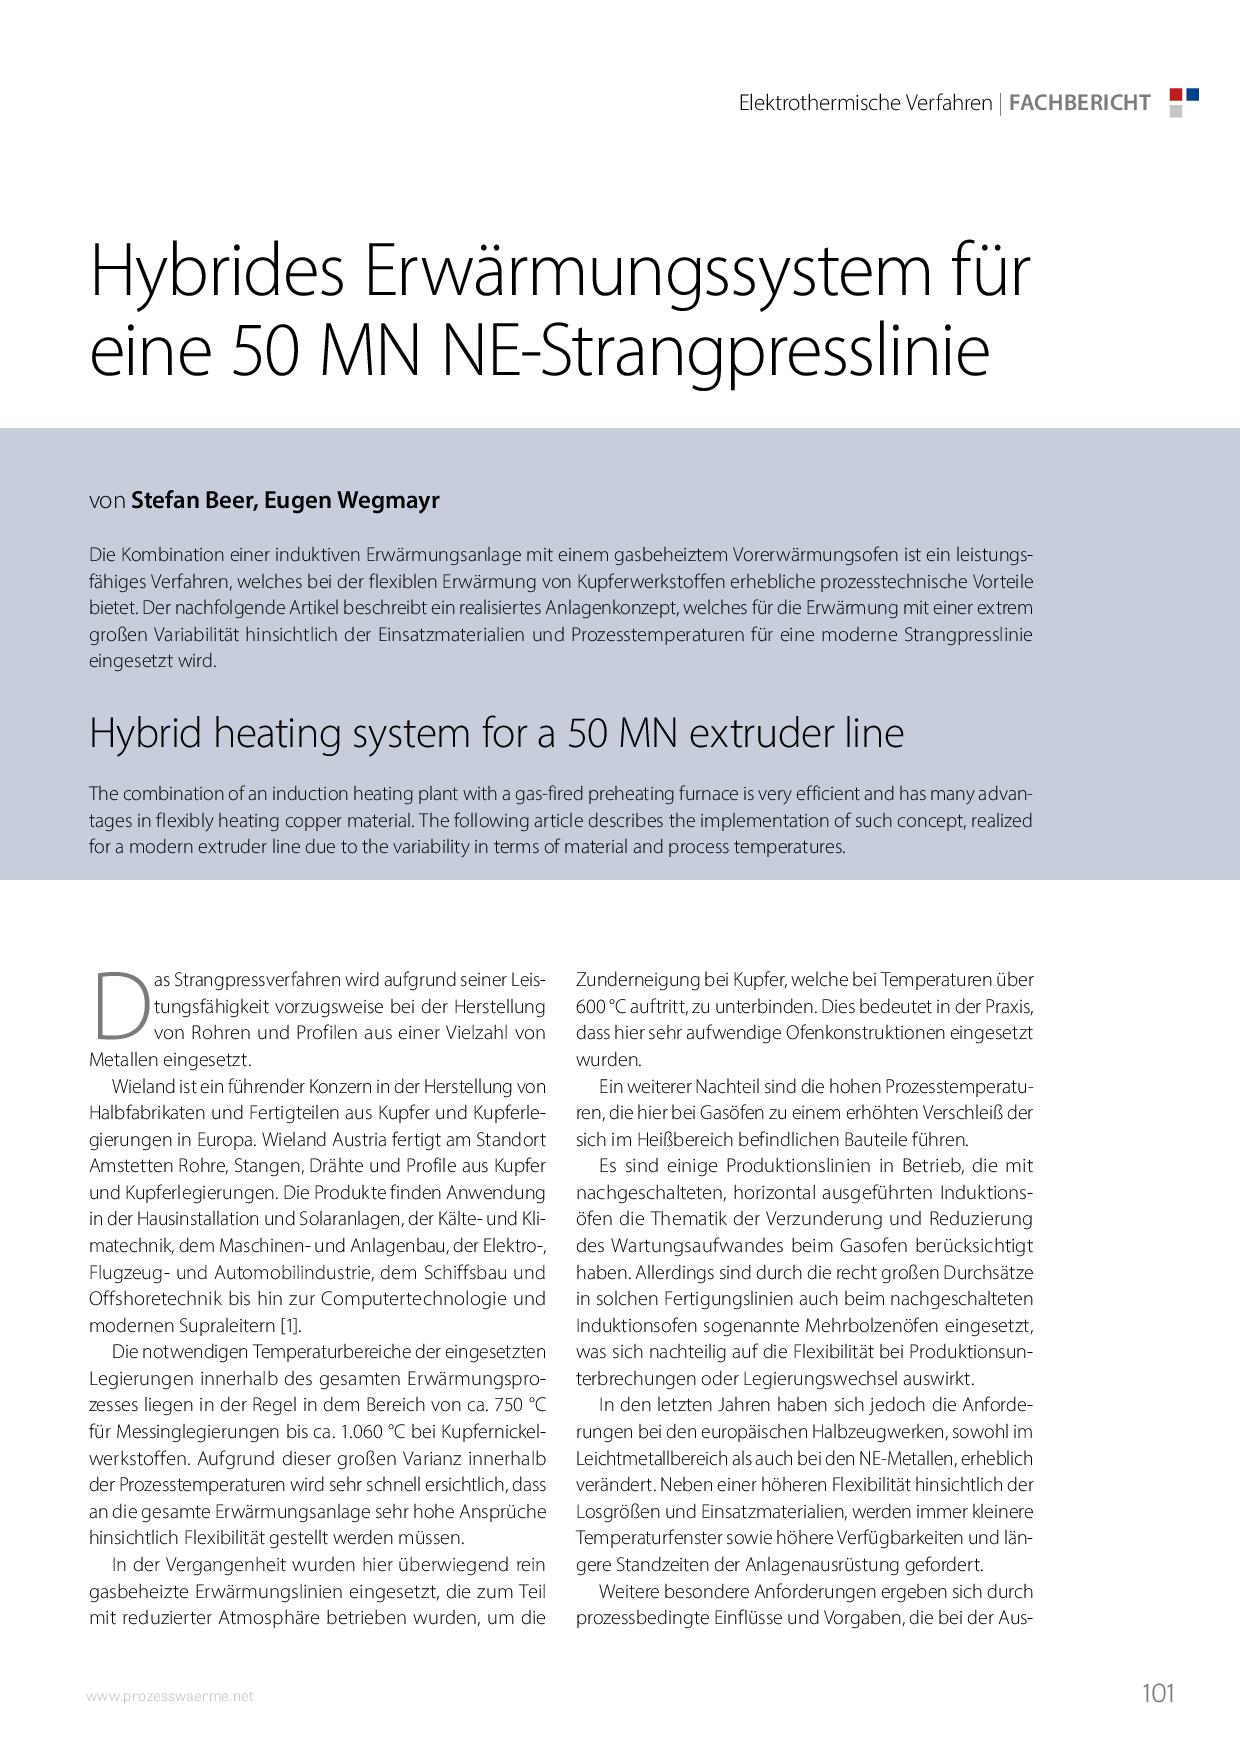 Hybrides Erwärmungssystem für eine 50 MN NE-Strangpresslinie